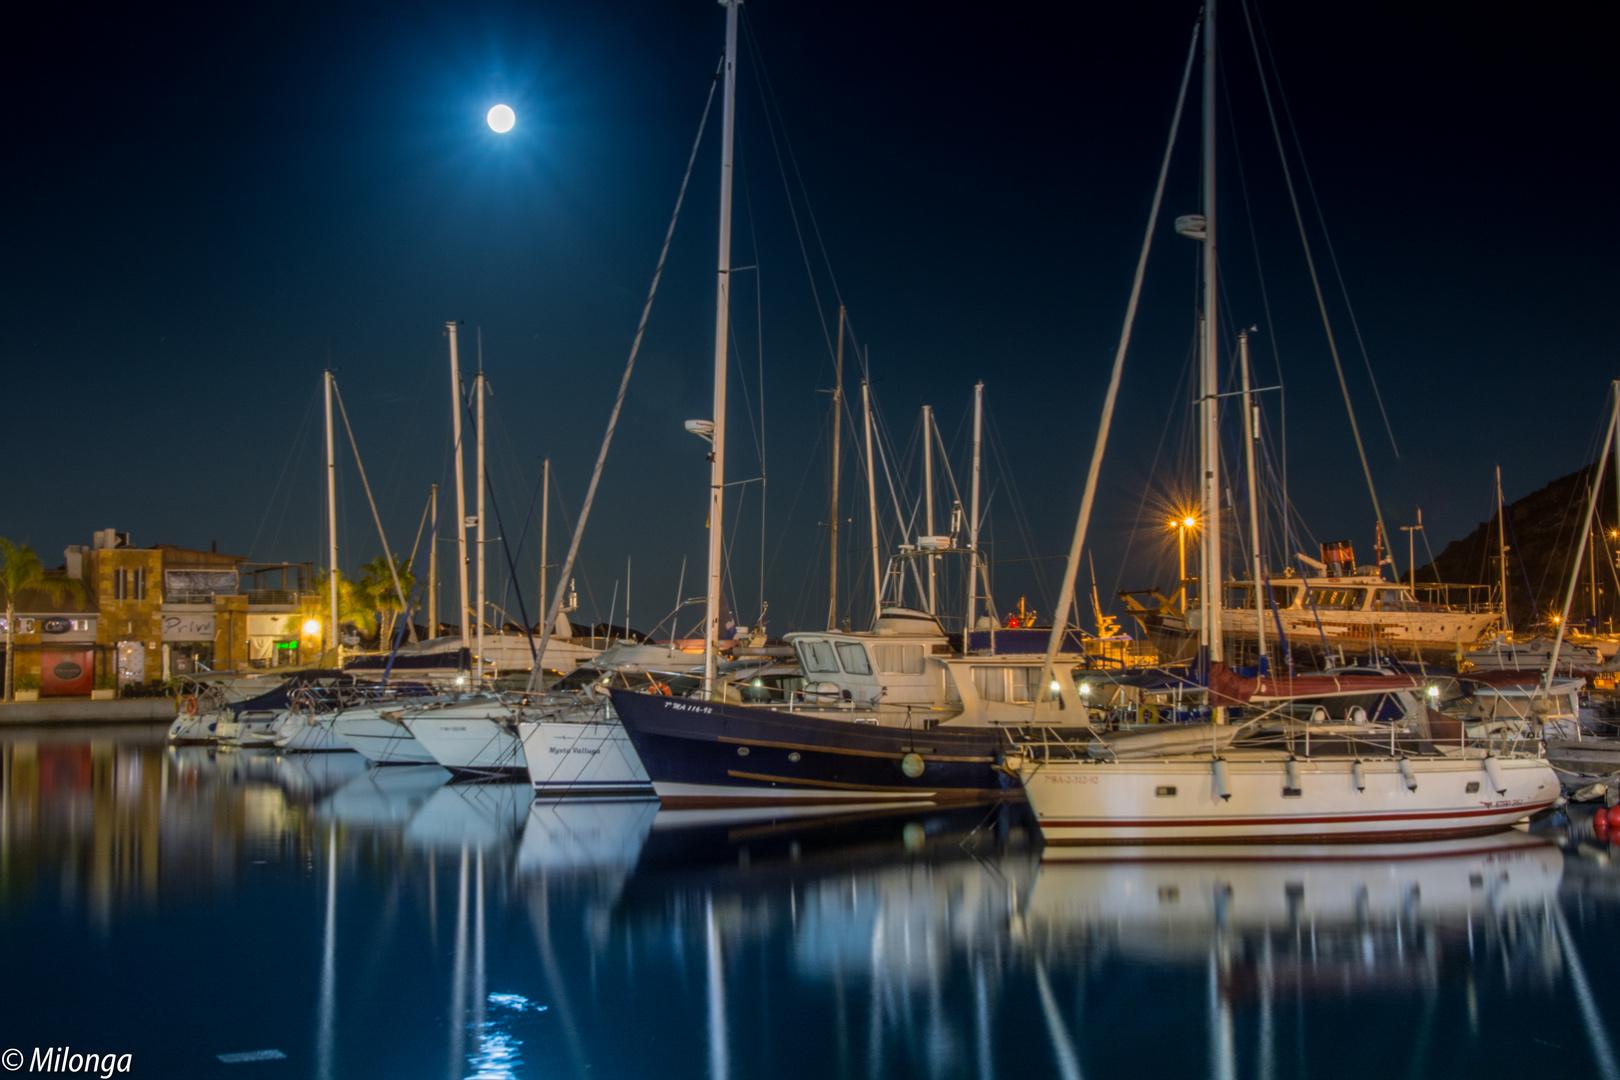 Barcos descansando bajo la luna llena